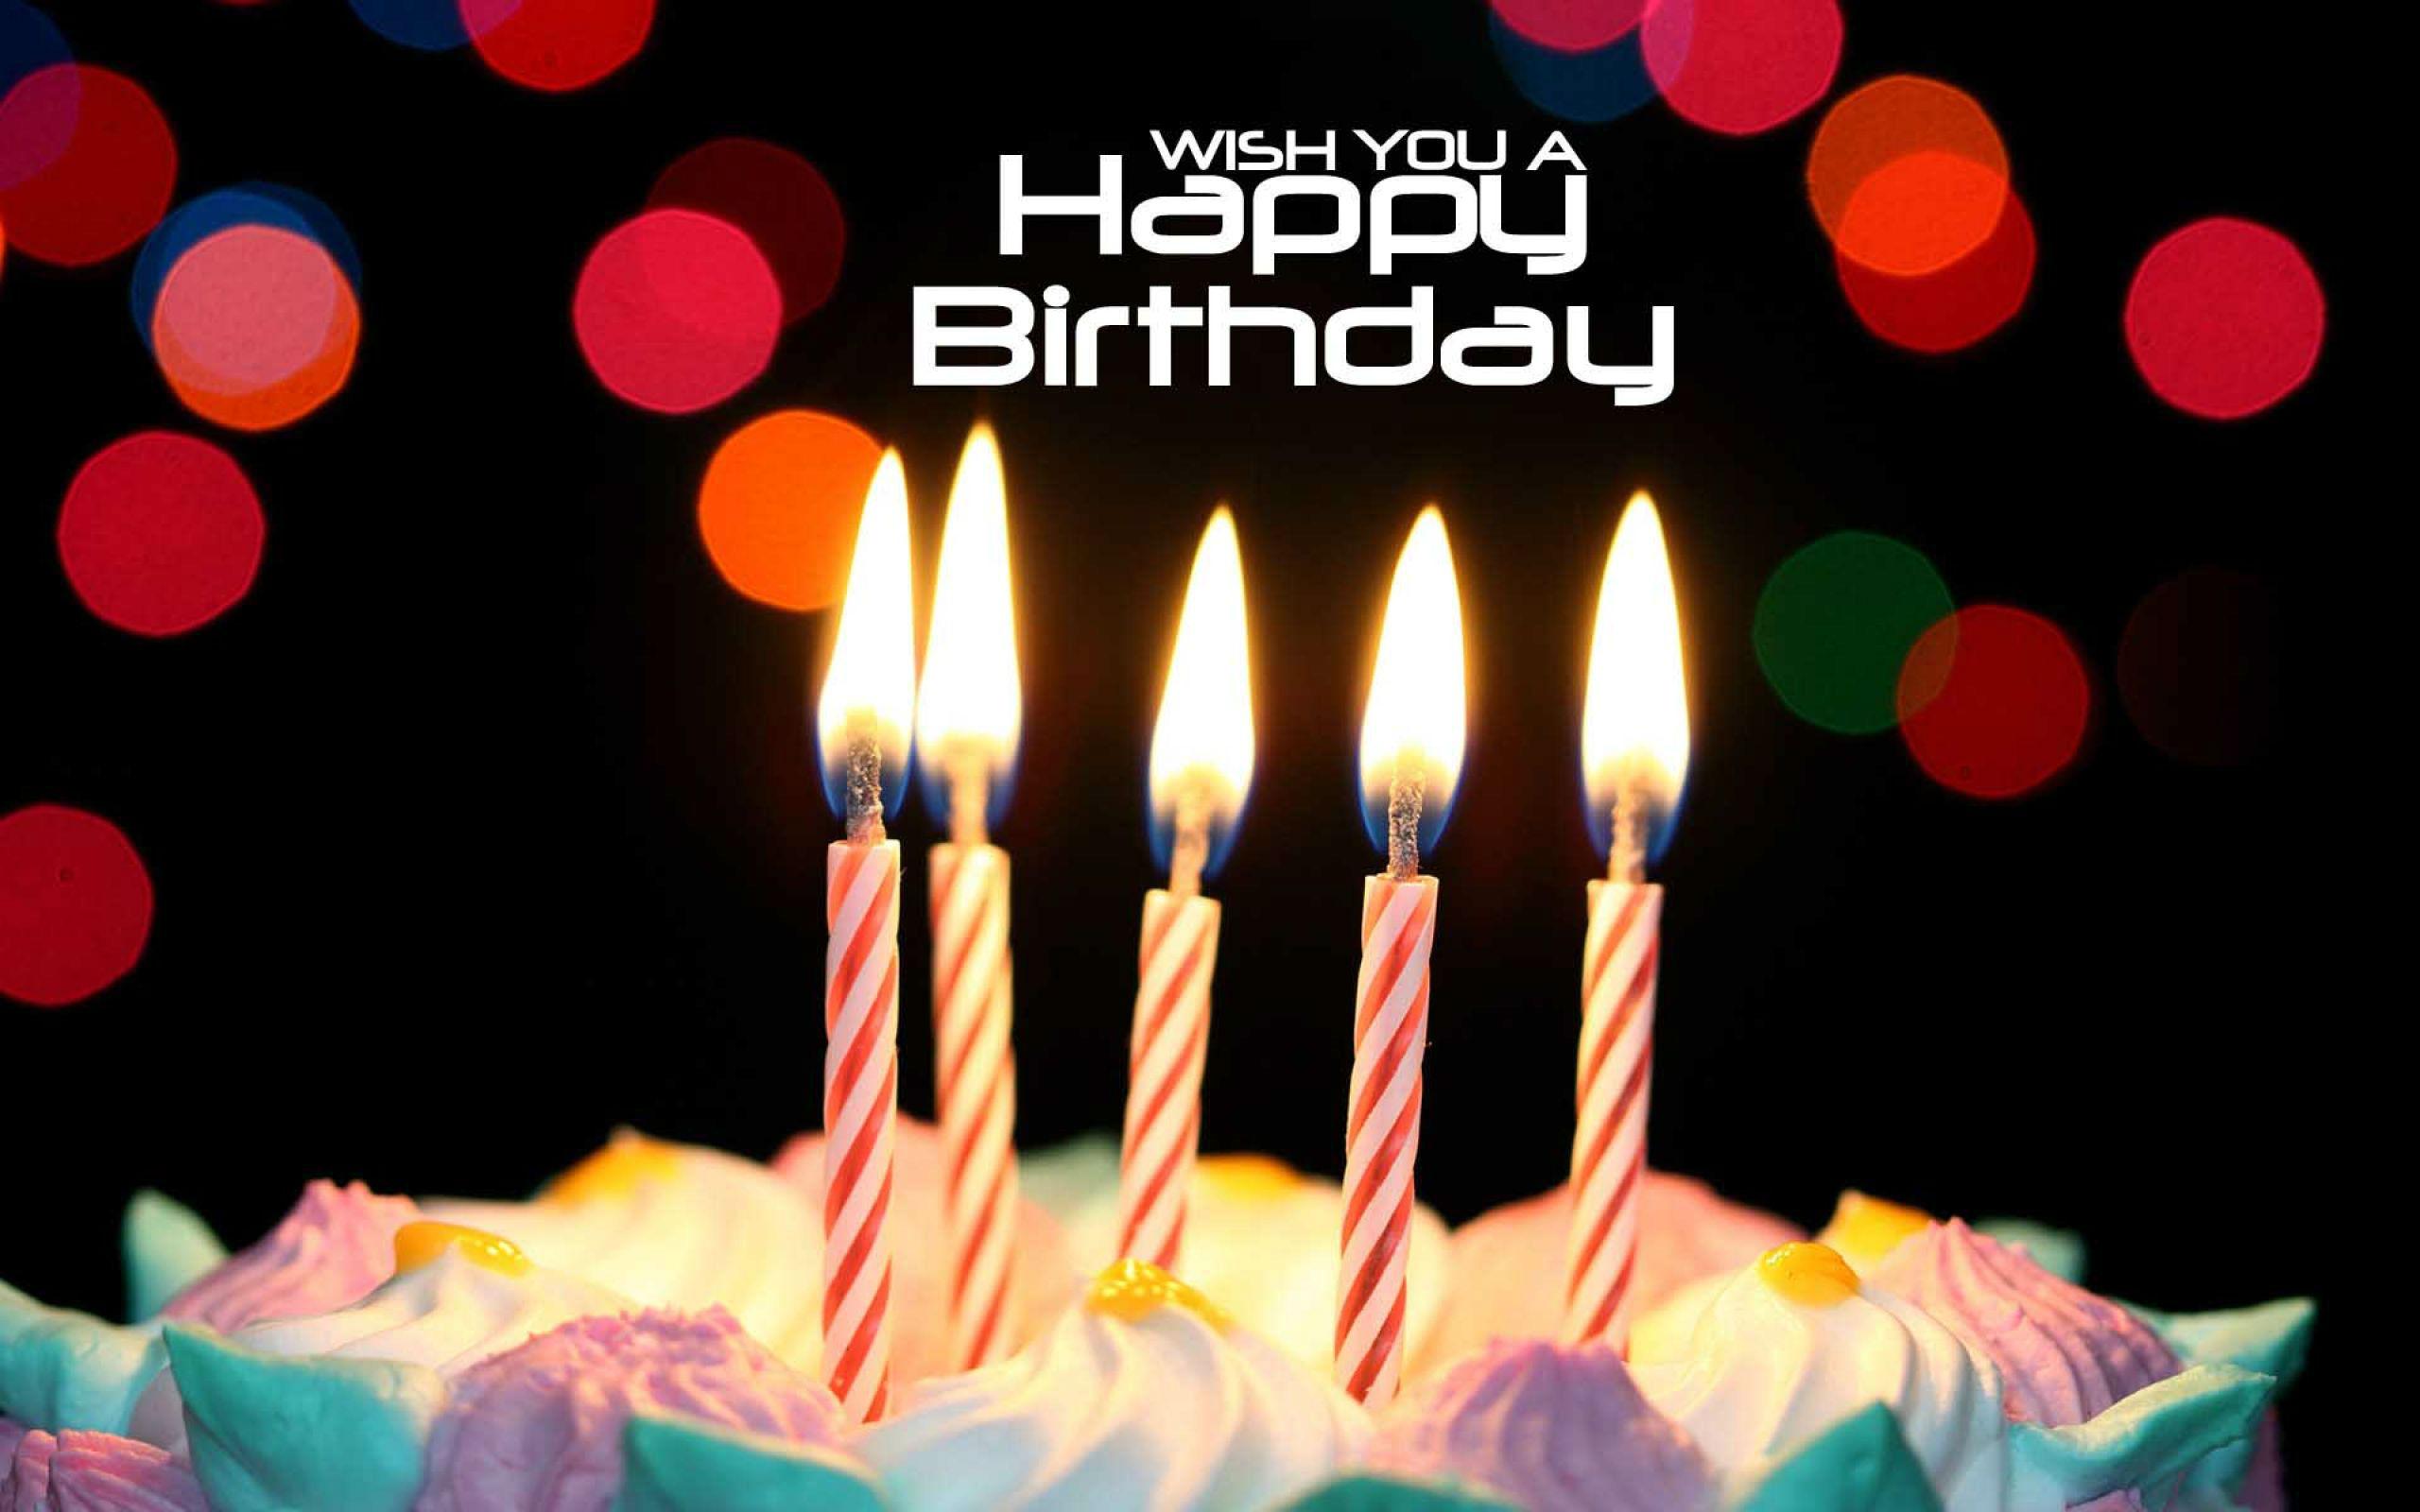 Happy Birthday Holiday Celebration Wallpaper 2560x1600 1207825